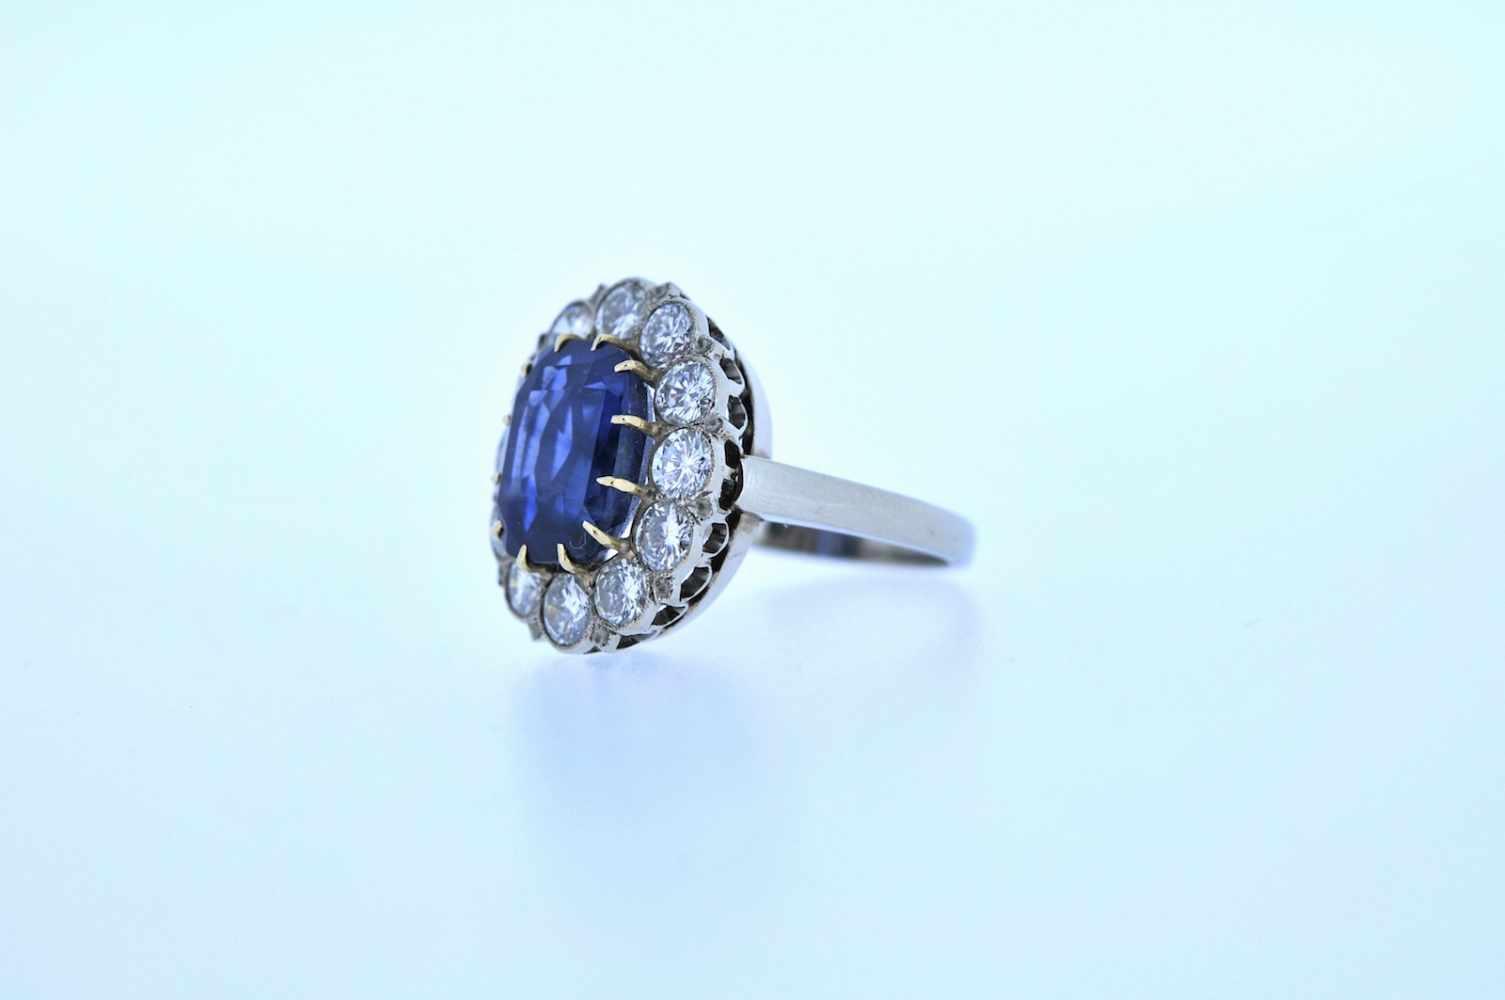 Ring Weißgoldener Ring mit Brillanten, zus. ca. 2 ct und einem Saphir, ca. 4,5 ct, Ringweite 54, 5,8